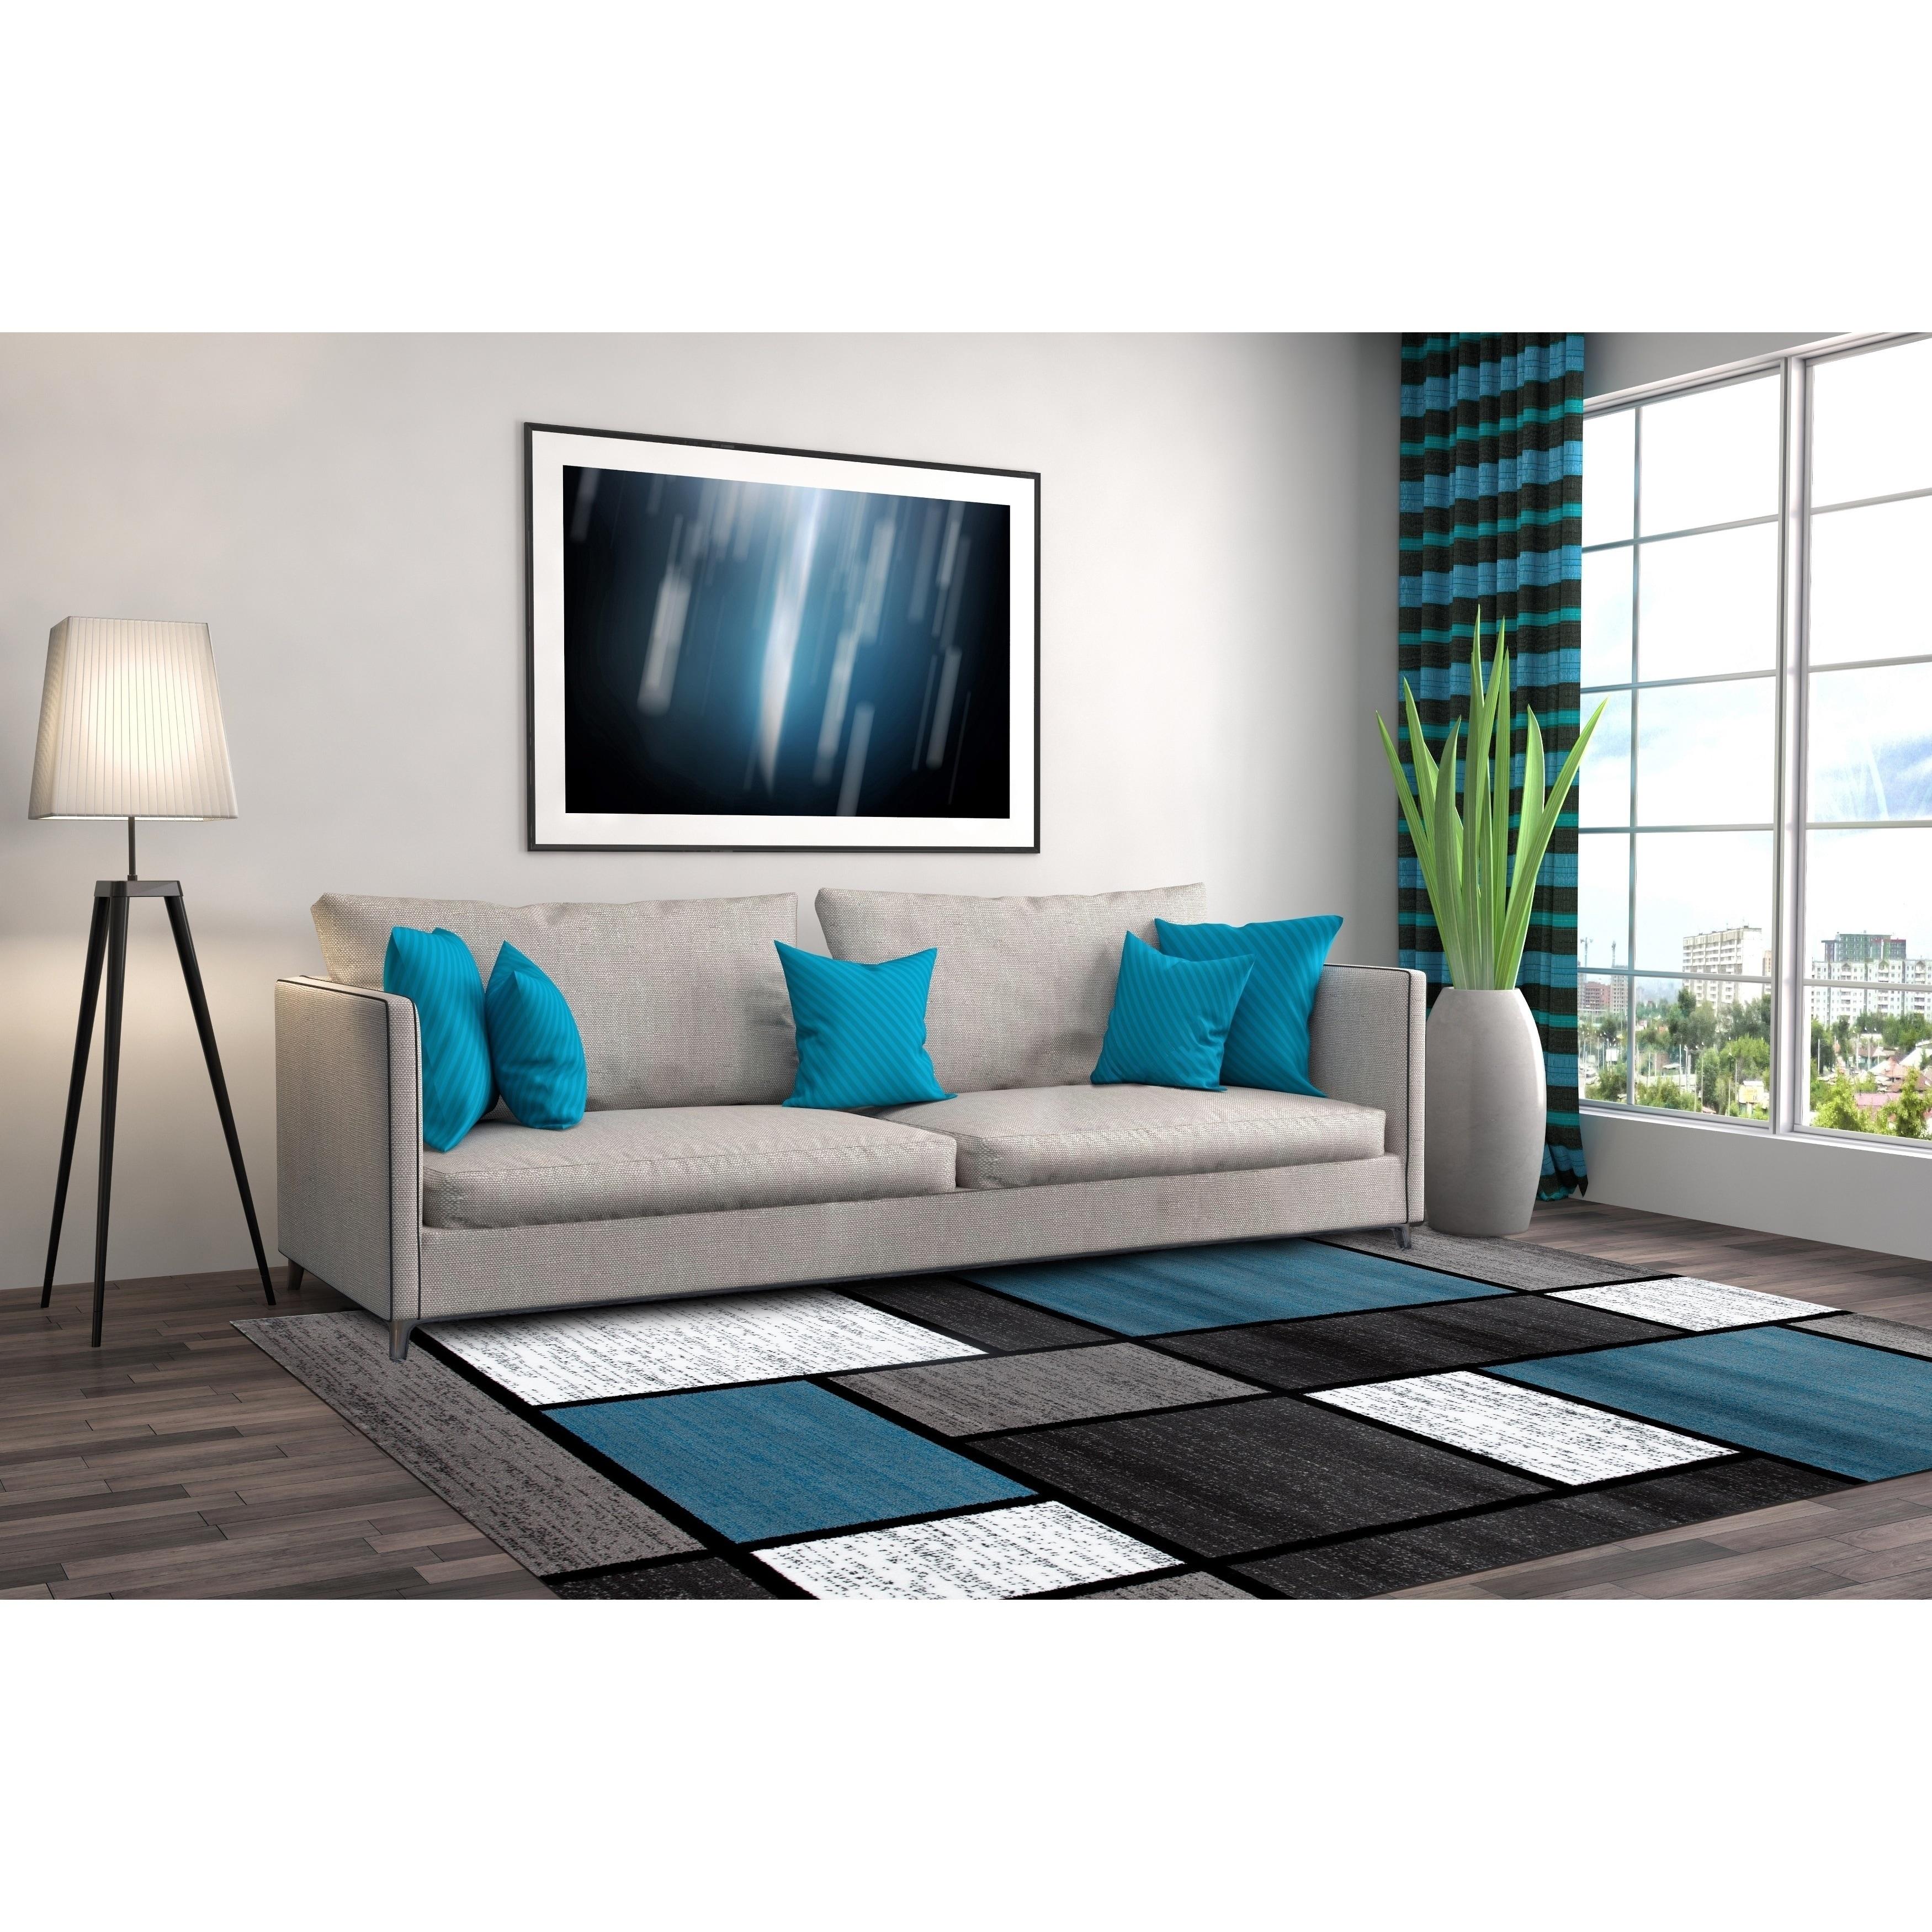 7ebe1078f72 Blue/Grey Polypropylene Contemporary Modern Boxes Area Rug - 3'3